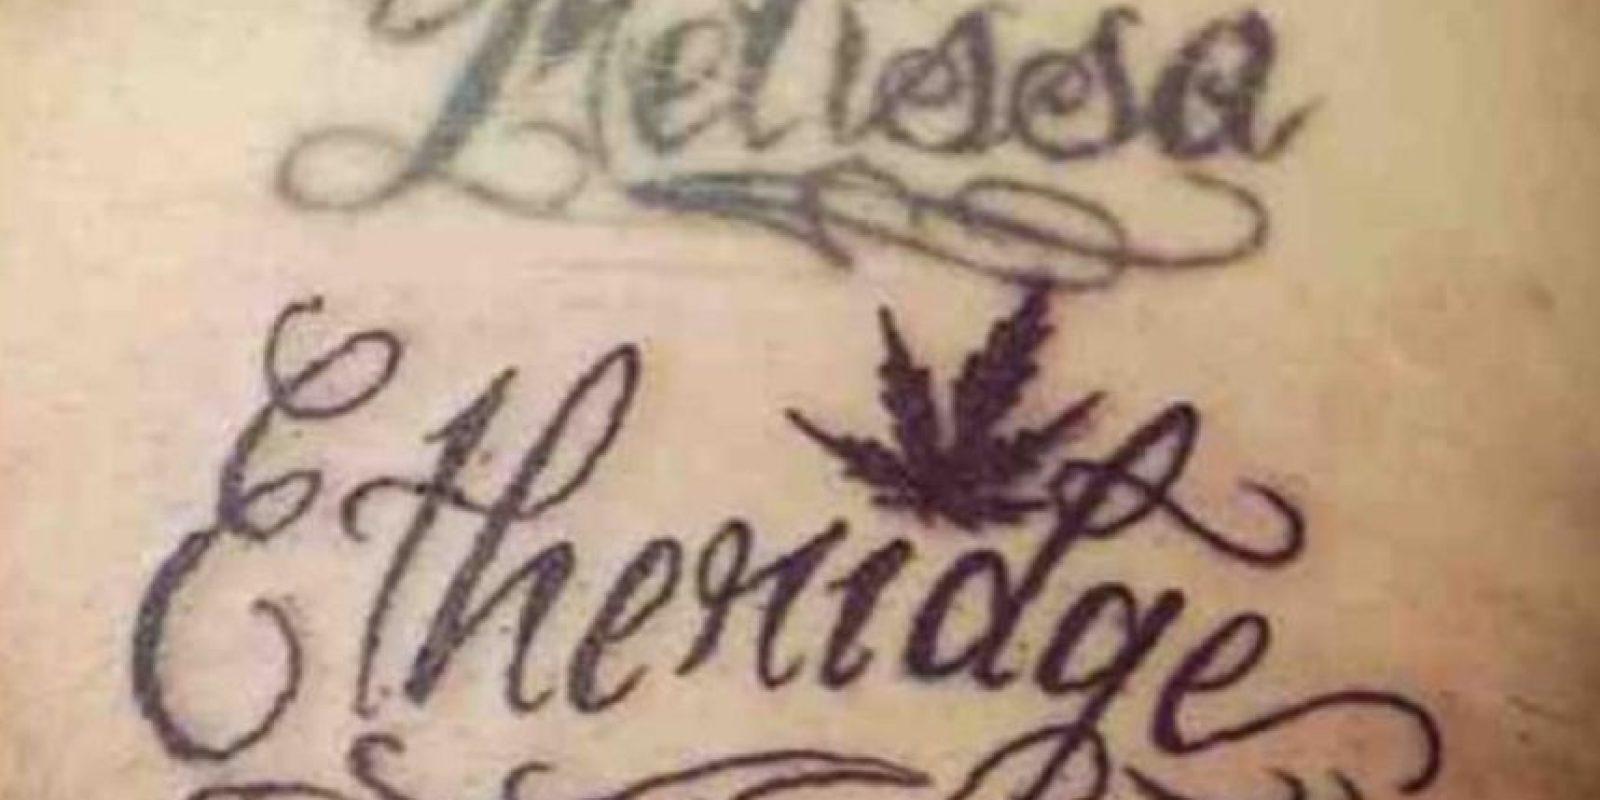 12. Ocultó el nombre de su novia Melissa con el apellido de una cantante de Country. Foto:Reddit